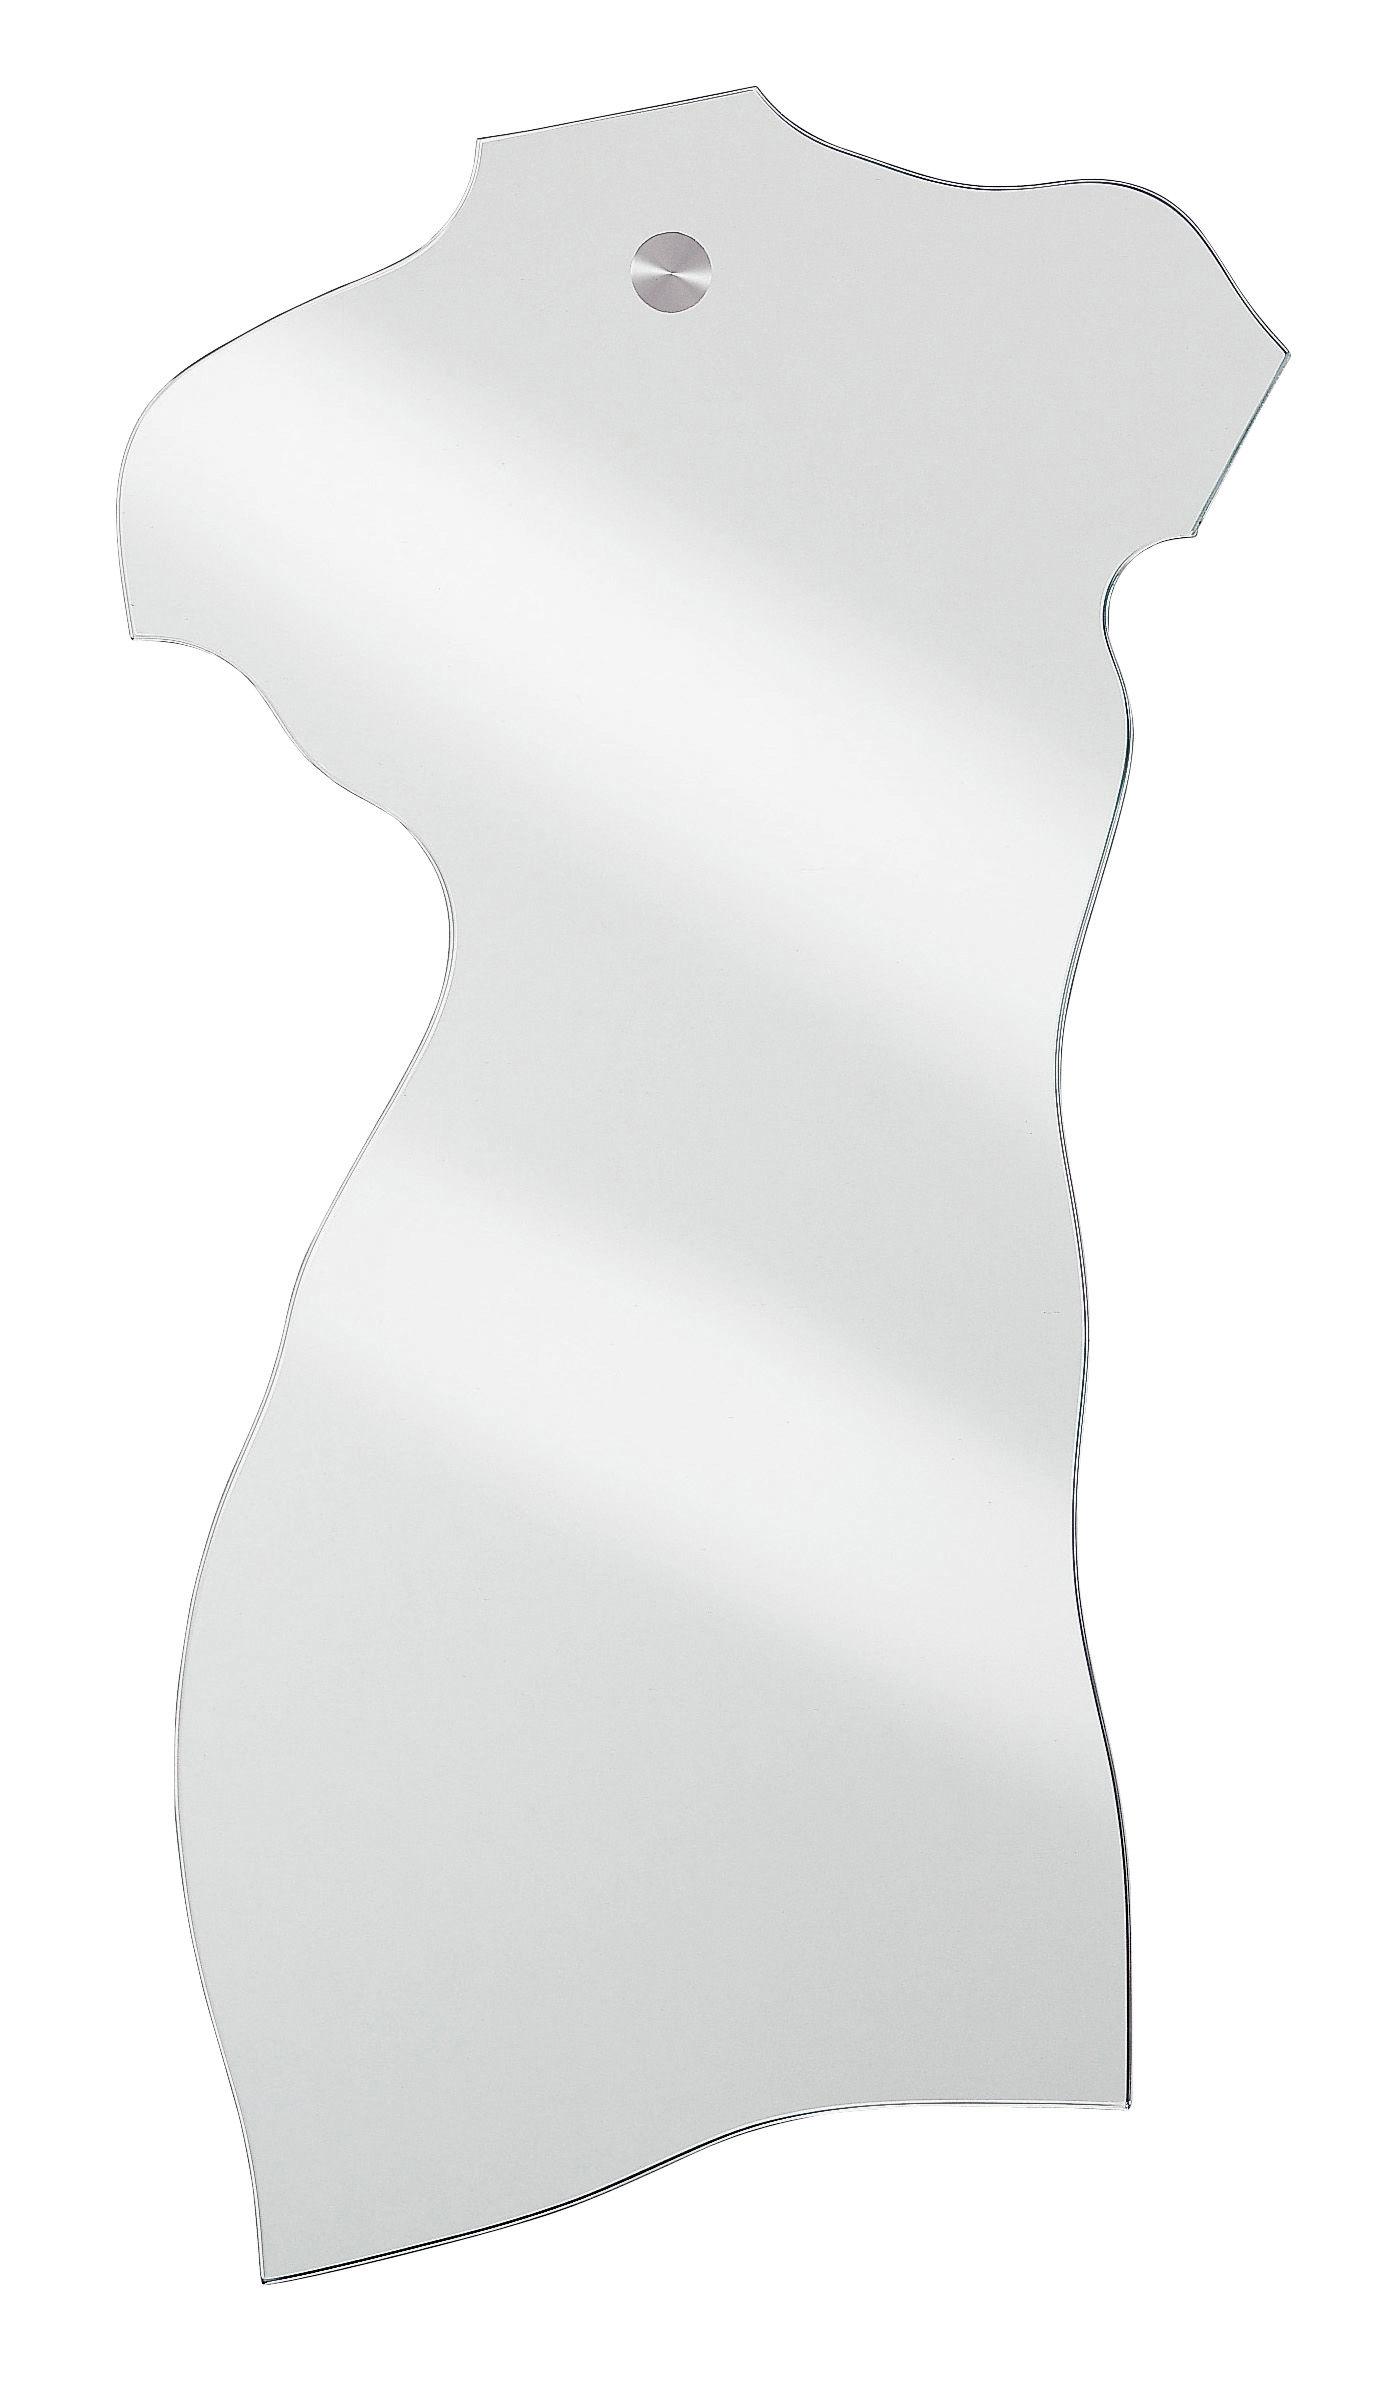 Mobilier - Miroirs - Miroir mural Milo H 81 cm - Zanotta - Miroir -